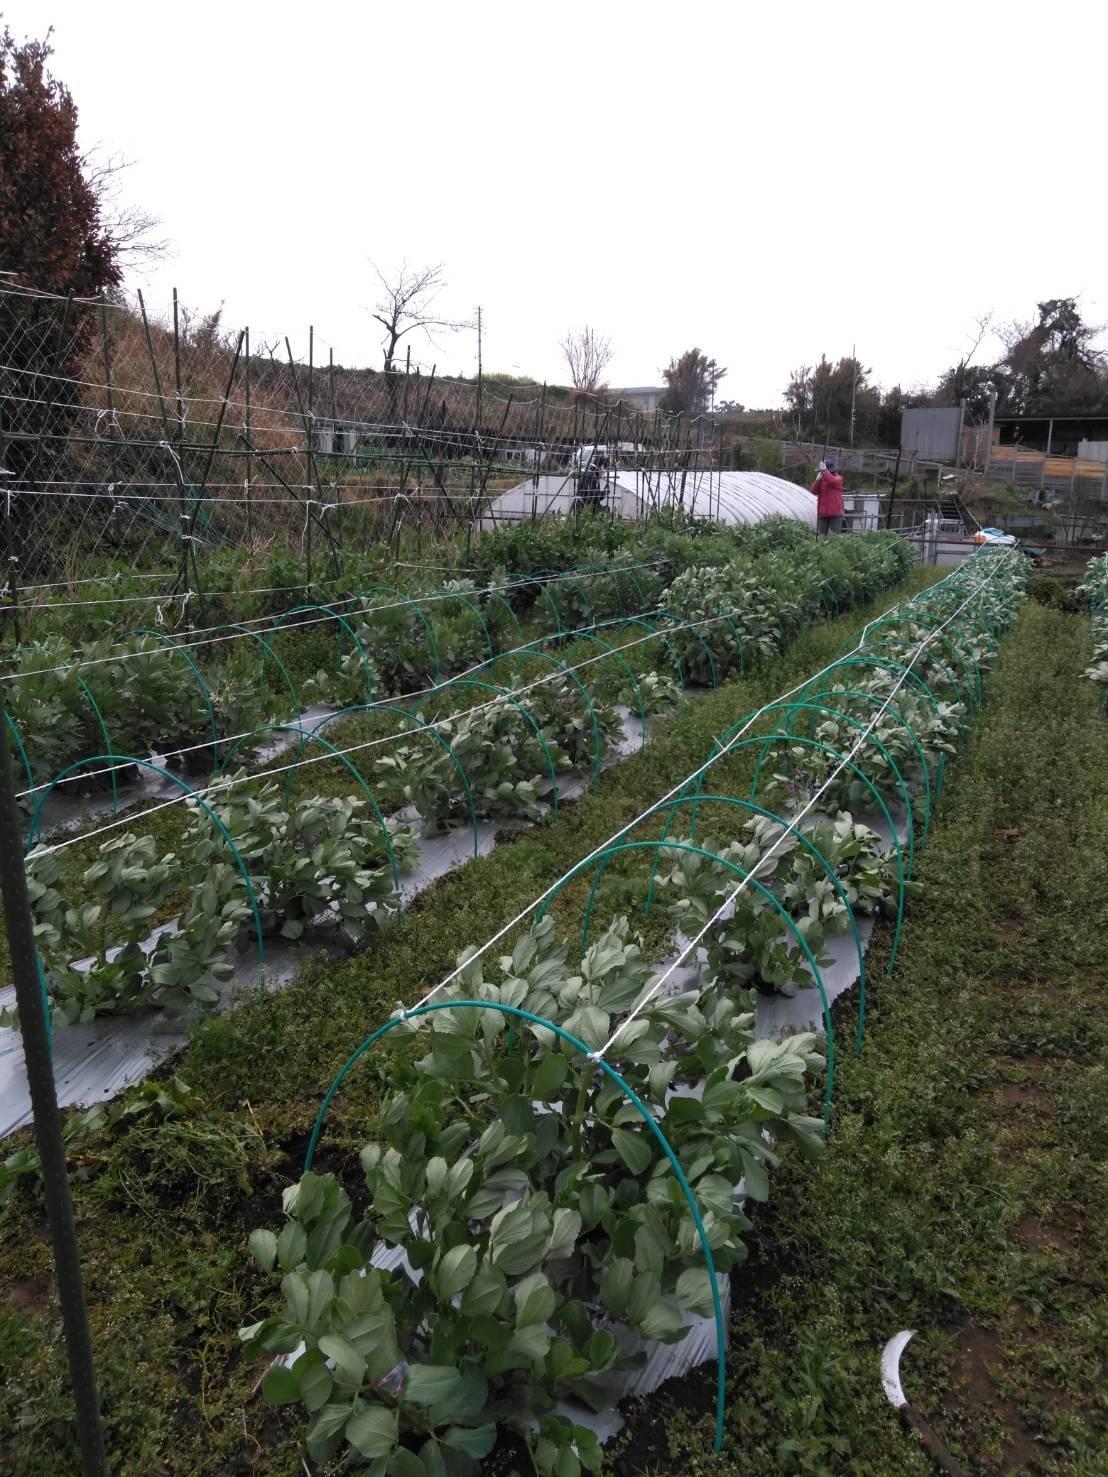 さあ じゃが芋の畝作りです 続いて 蚕豆 エンドウ豆の防鳥ネット張り始めます_c0222448_13015450.jpg